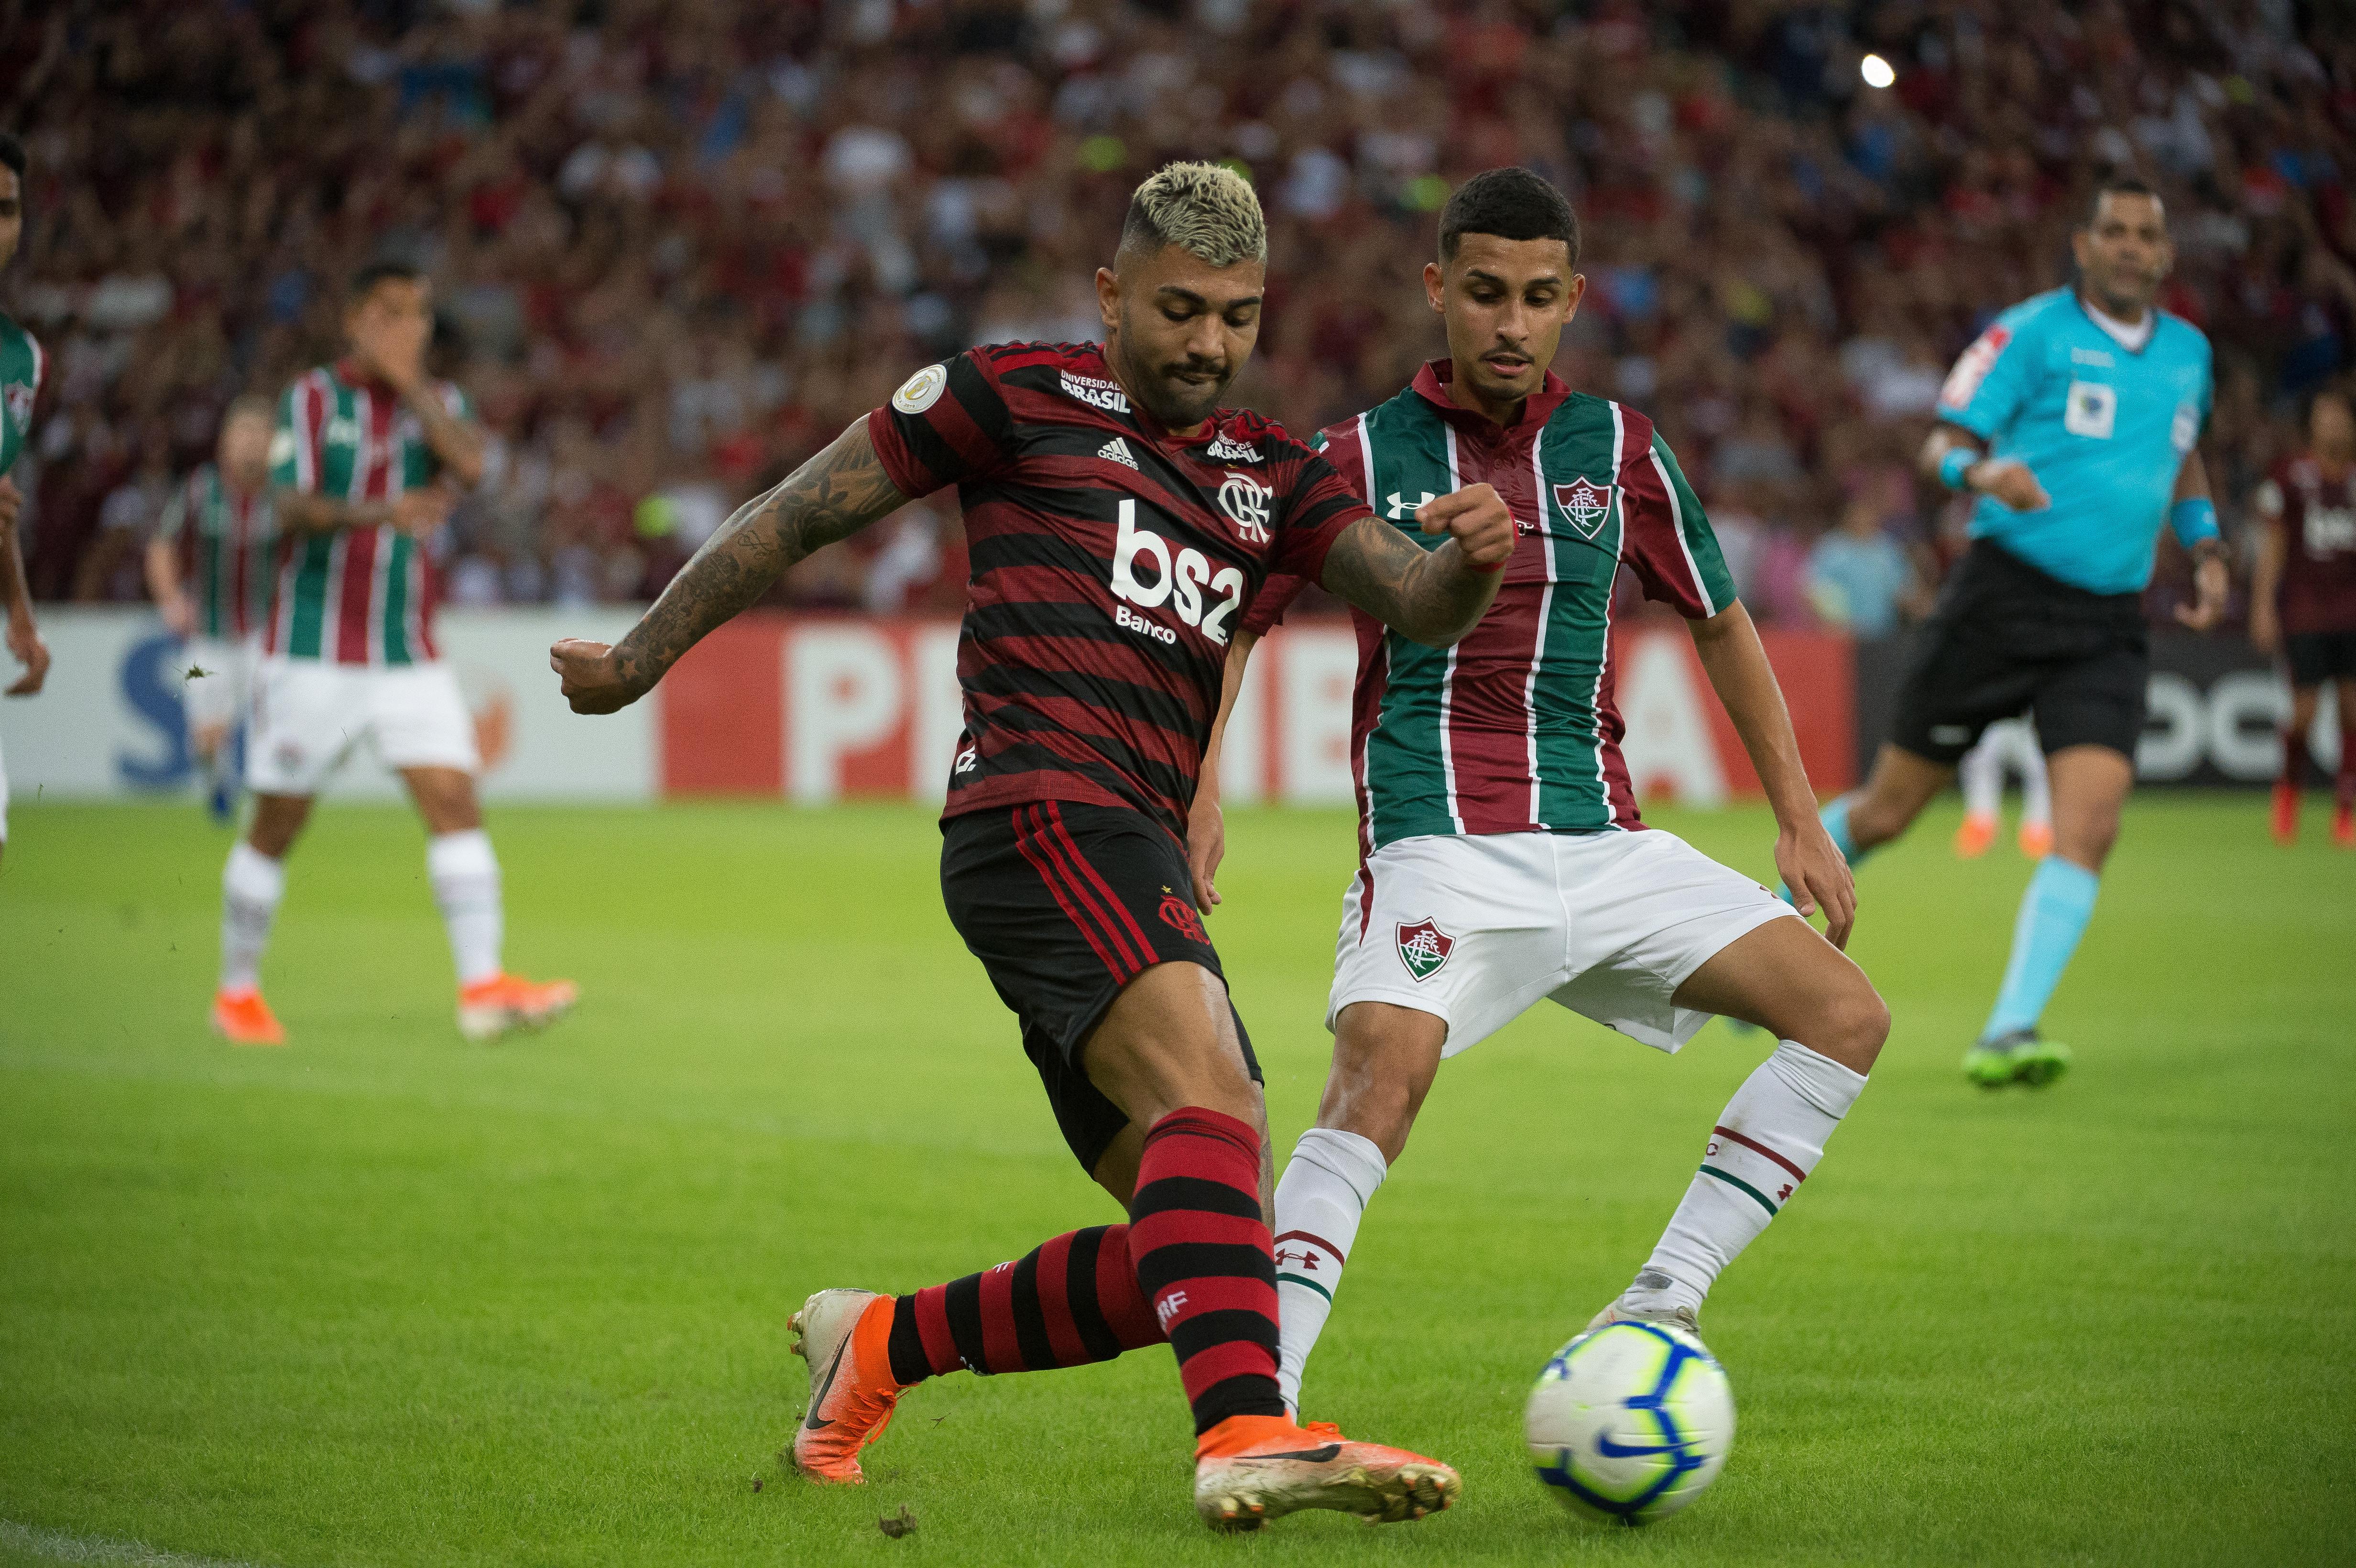 Flutv Como Assistir A Fluminense X Flamengo Pela Final Da Taca Rio Veja